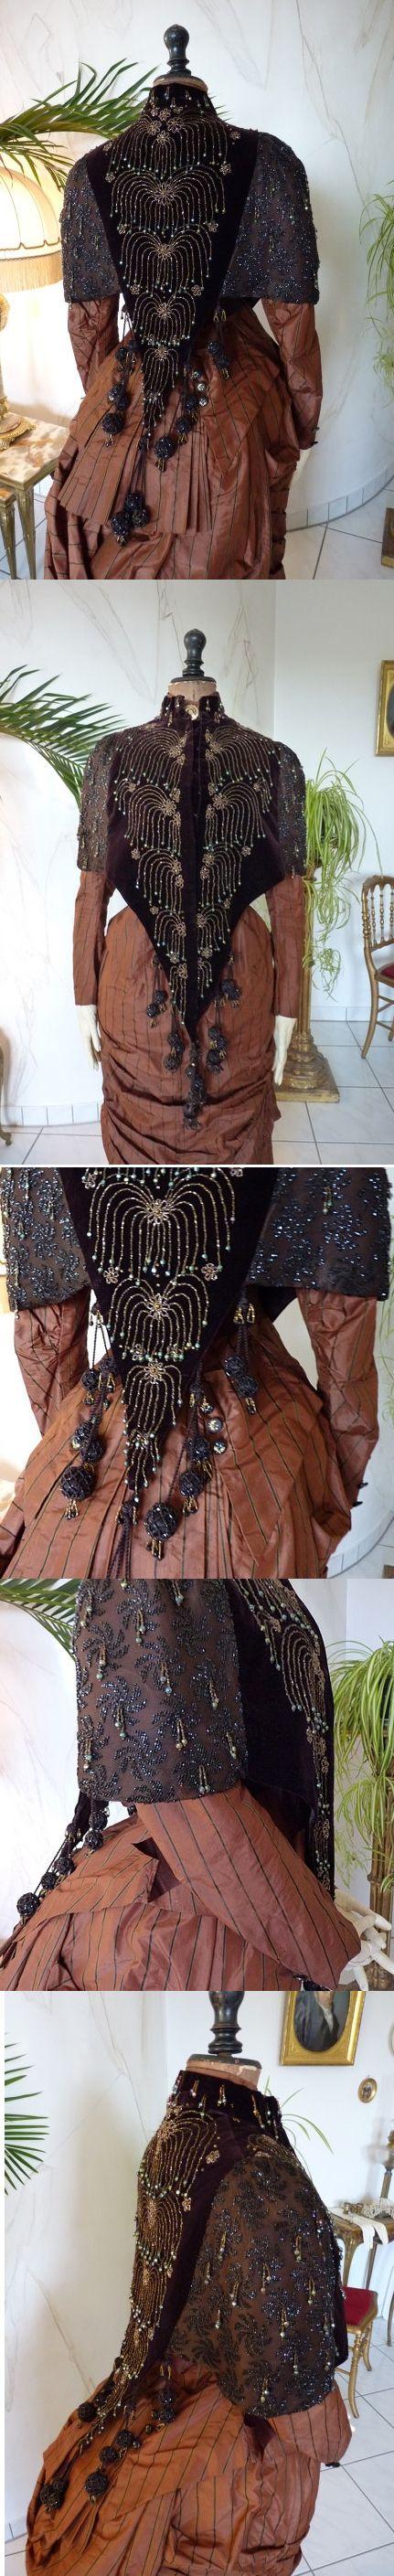 MARGAINE Shoulder Cape, Antique Dress, Antique Gown, Victorian Dress, Antique Cape, Paris, ca. 1885